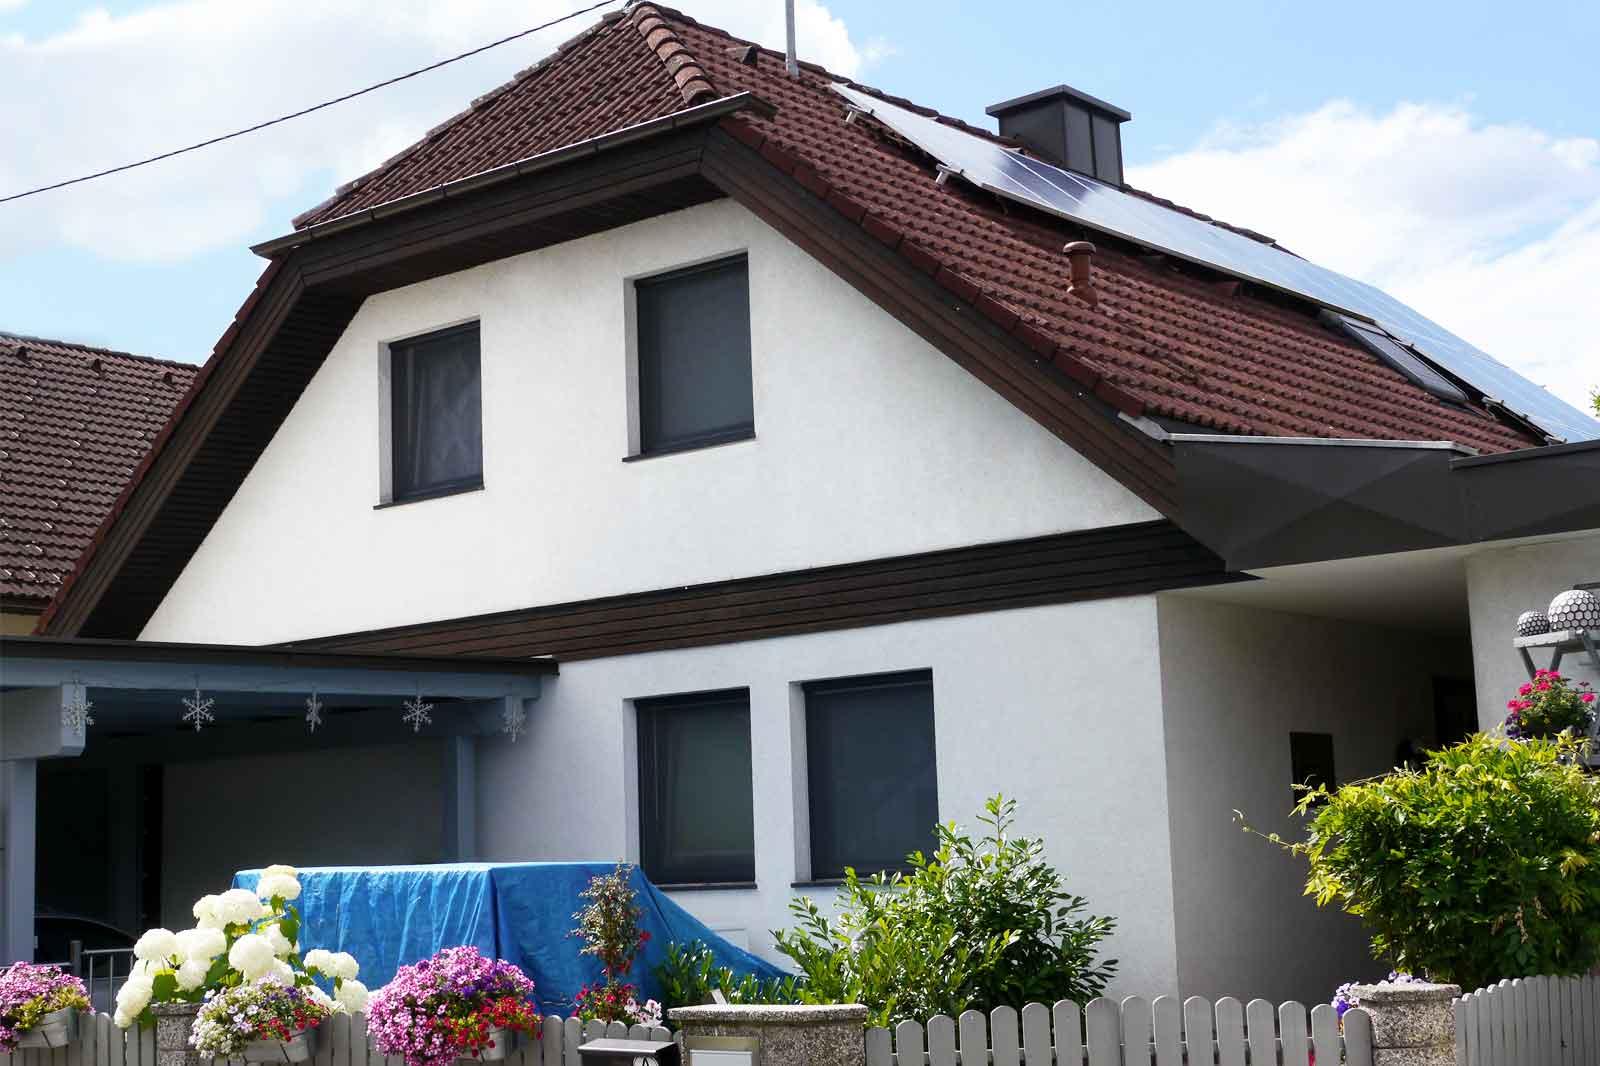 Weißes Einfamilienhaus mit Photovoltaik am Dach